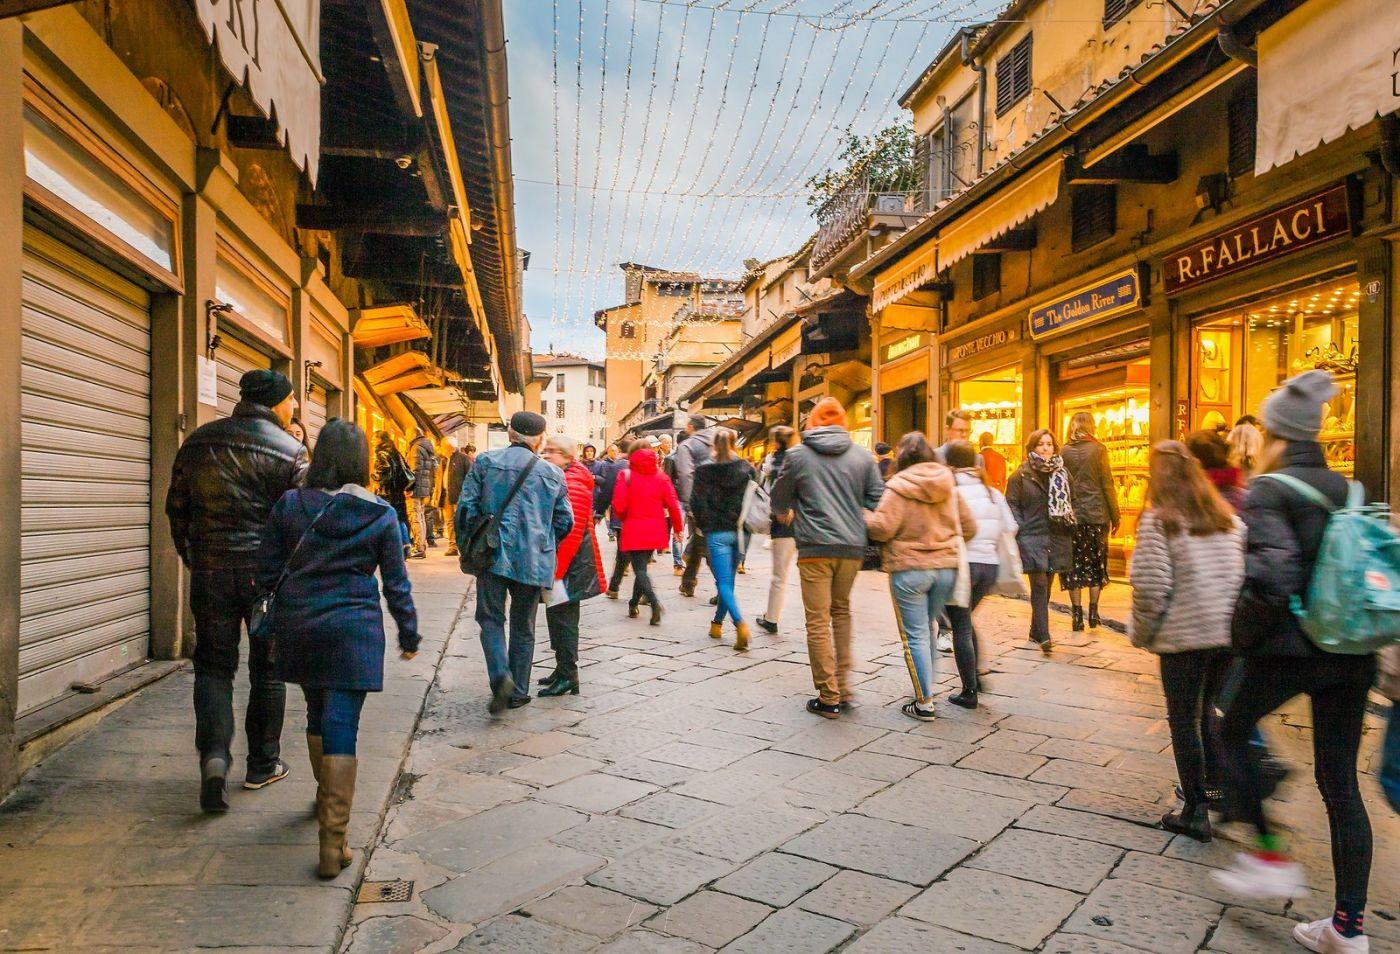 意大利佛罗伦萨(Florence),小街文化_图1-31